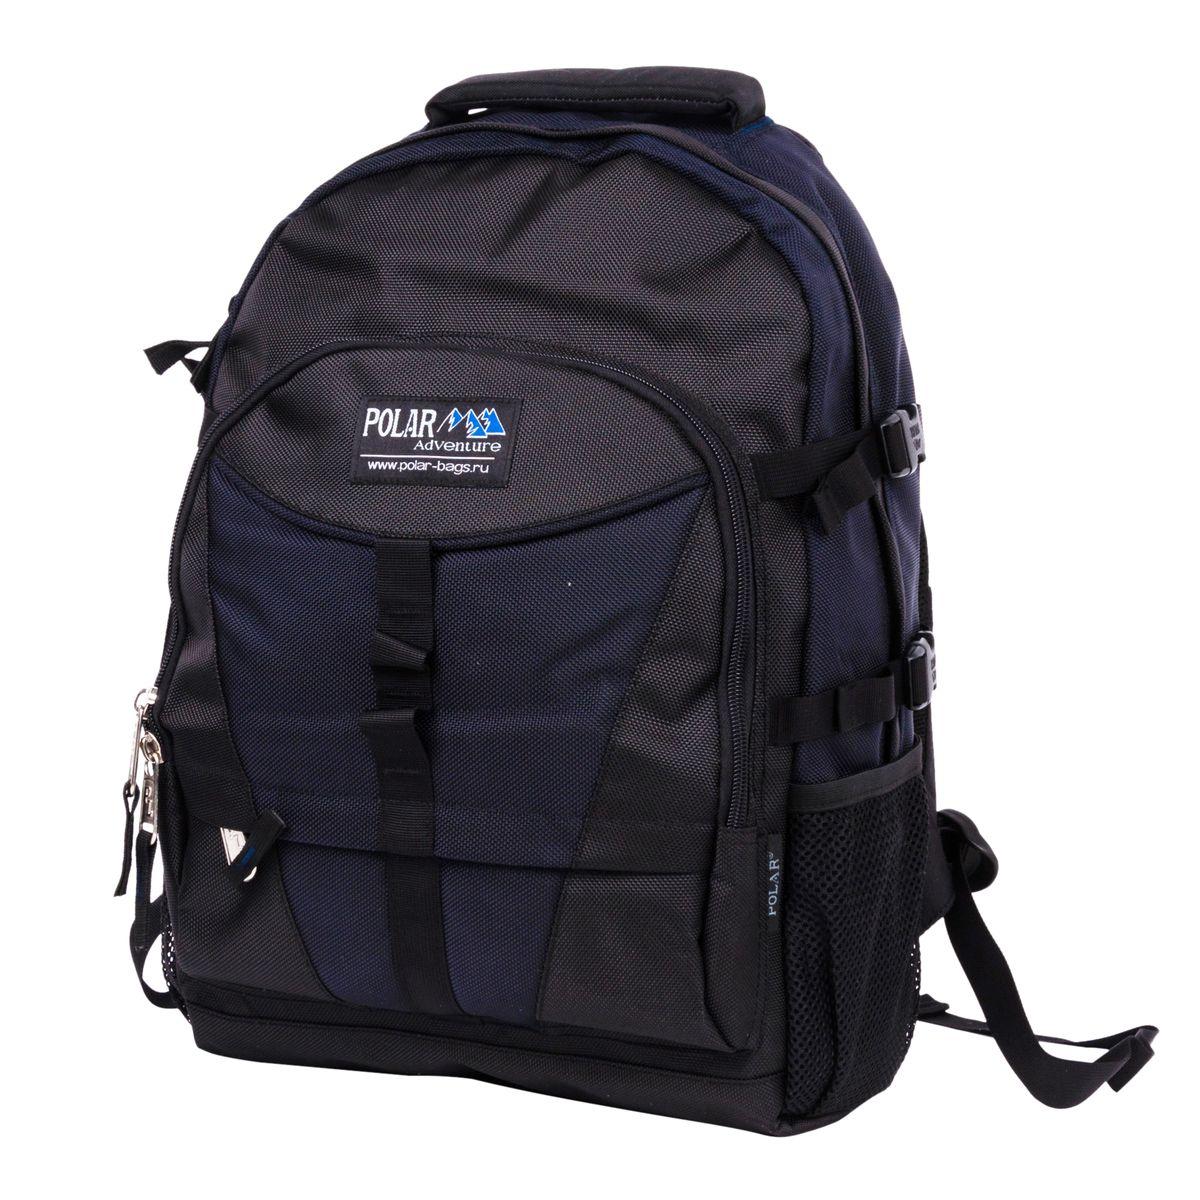 Рюкзак городской Polar, 27,5 л, цвет: синий. П939-04П939-04Отделение для ноутбука 28х5х35 . Оригинальная модель для ноутбука фирмы Polar. Материал – полиэстер с водоотталкивающей пропиткой. Удобная спинка с вертикальными вставками из пены и трикотажной сетки, для лучшей циркуляции воздуха. Удобные лямки с грудной стяжкой лямок. Внутри большого отделения есть отделение для ноутбука + дополнительное отделение и два кармана из сетки с клапанами на липучке для мышки и зарядного устройства. Снаружи расположены стяжки (4 шт.) для регулирования объема. Два боковых кармана из сетки. Вместительный карман с органайзером и дополнительными кармашками. Дополнительно в комплект входит съемный чехол, что позволит надежней сохранить ваши вещи в дождливую погоду. Вместительный и очень удобный рюкзак позволит вам взять с собой все необходимое как для вашего портативного компьютера, так и для себя. Материал: Cordura PU 1000D.